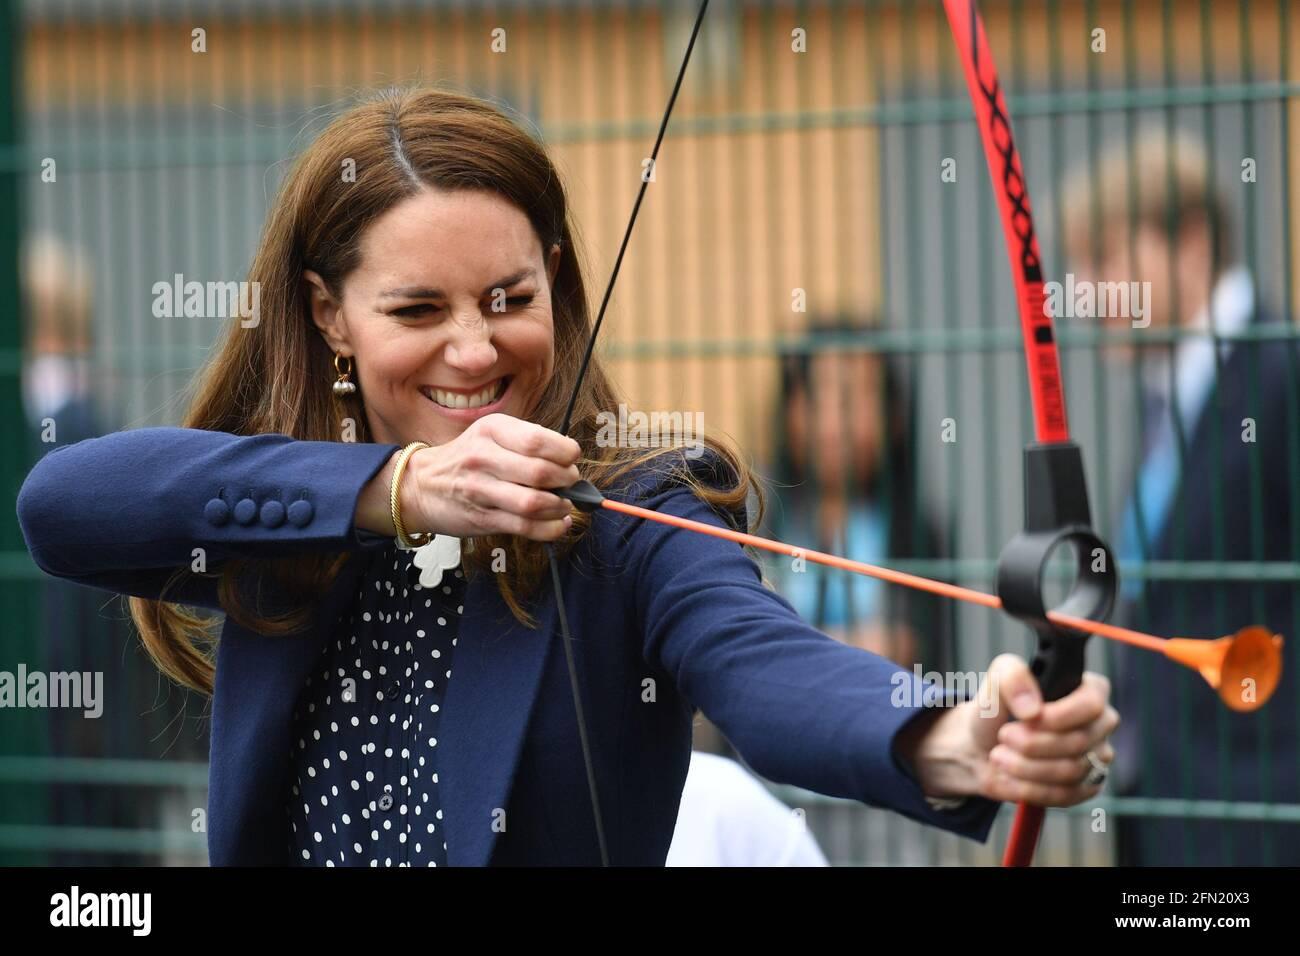 Die Herzogin von Cambridge bei einer Bogenschießstunde während eines Besuchs der Way Youth Zone in Wolverhampton, West Midlands. Bilddatum: Donnerstag, 13. Mai 2021. Stockfoto